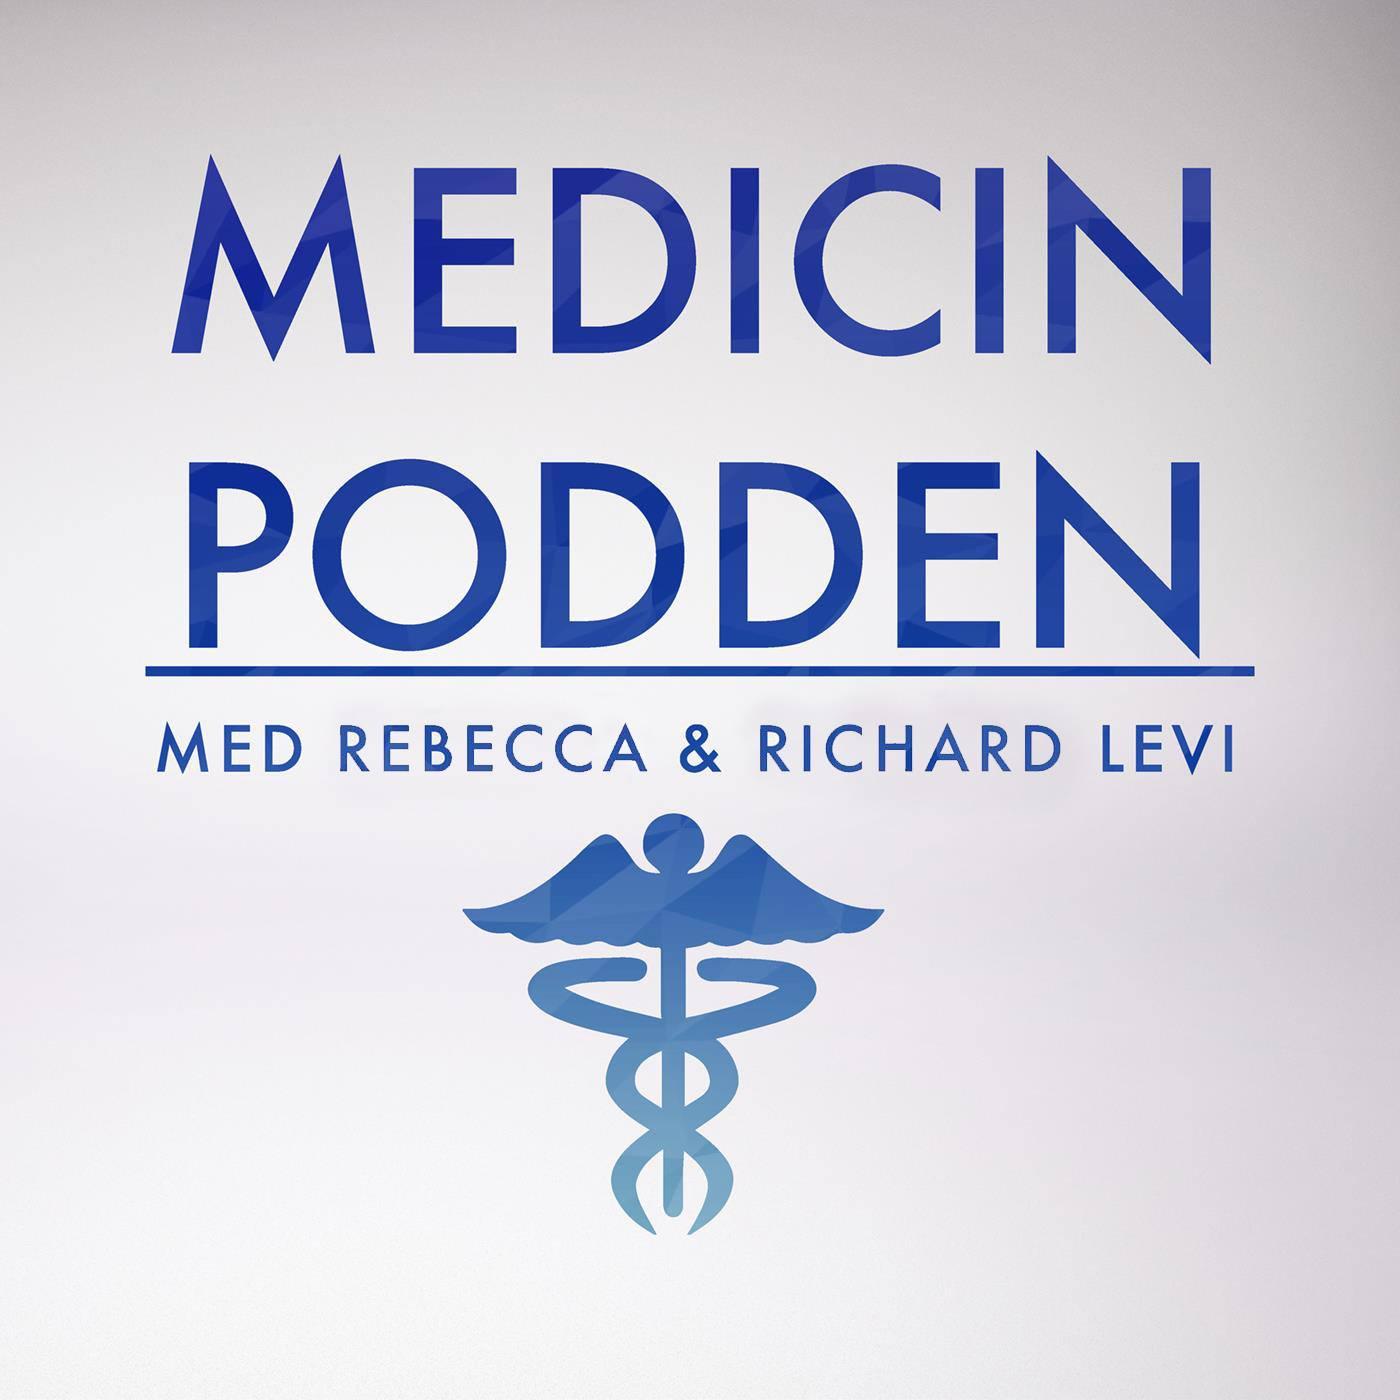 Medicinpodden